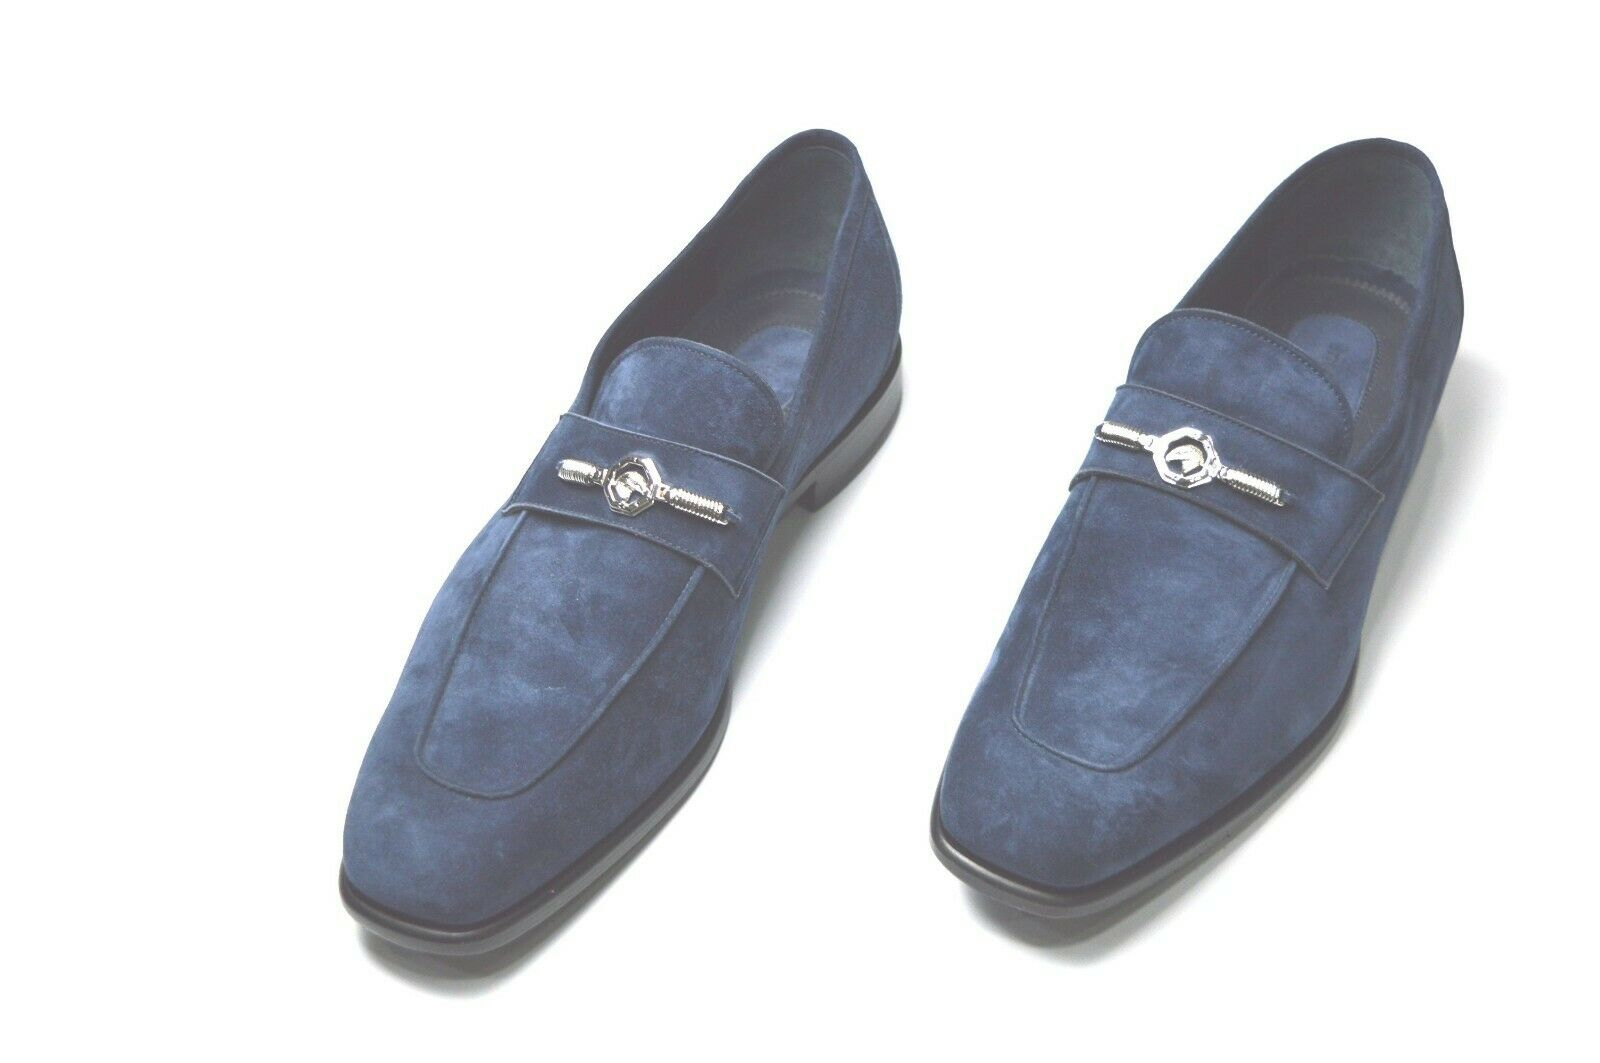 Nuevos Mocasines STEFANO RICCI con el logotipo de Lujo Zapatos Talla nos 11 (A455)